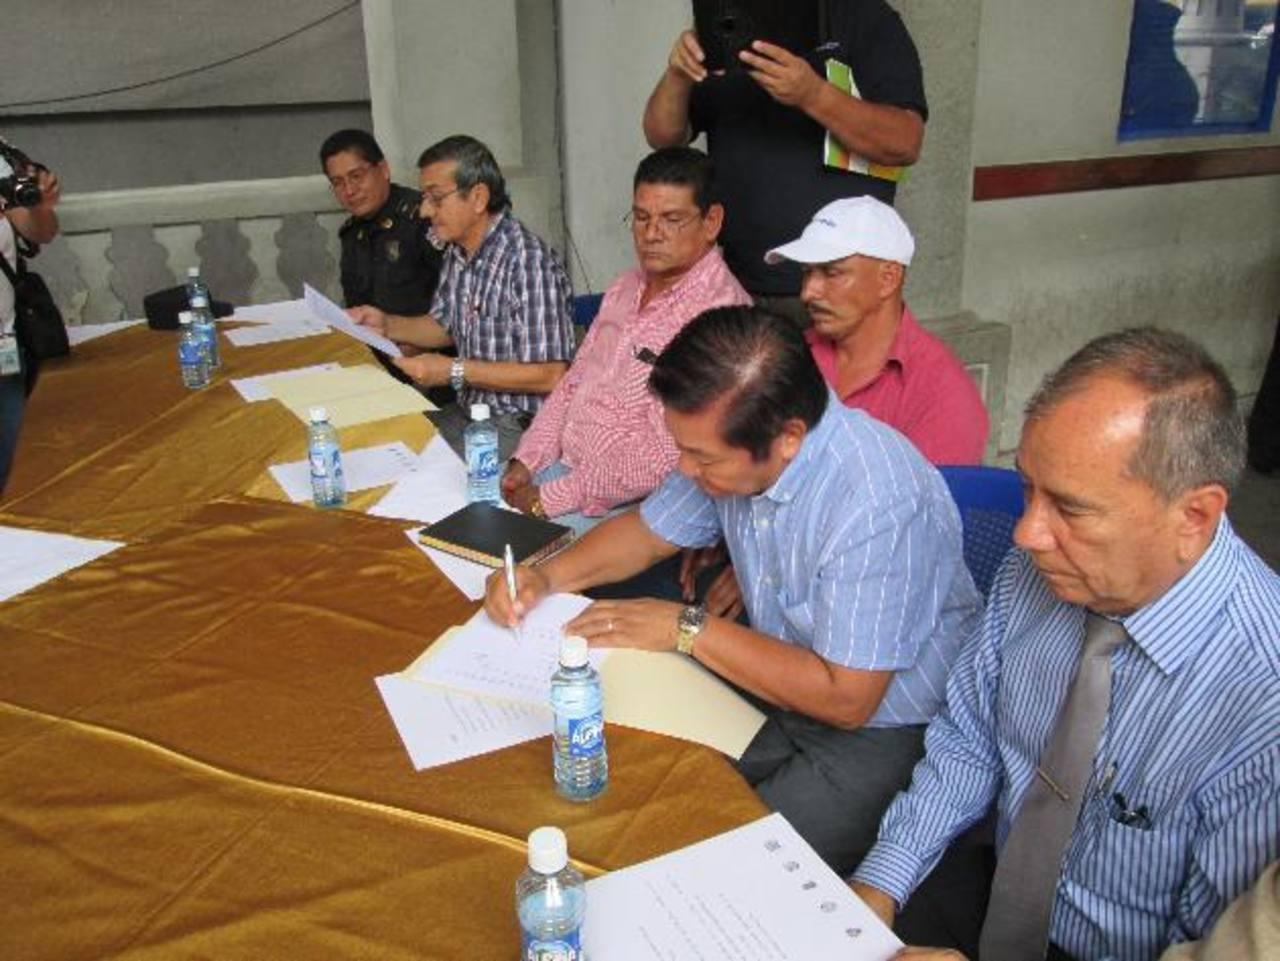 La Policía y los alcaldes de la Red firmaron el convenio de ayuda mutua. Foto EDH / Cortesía